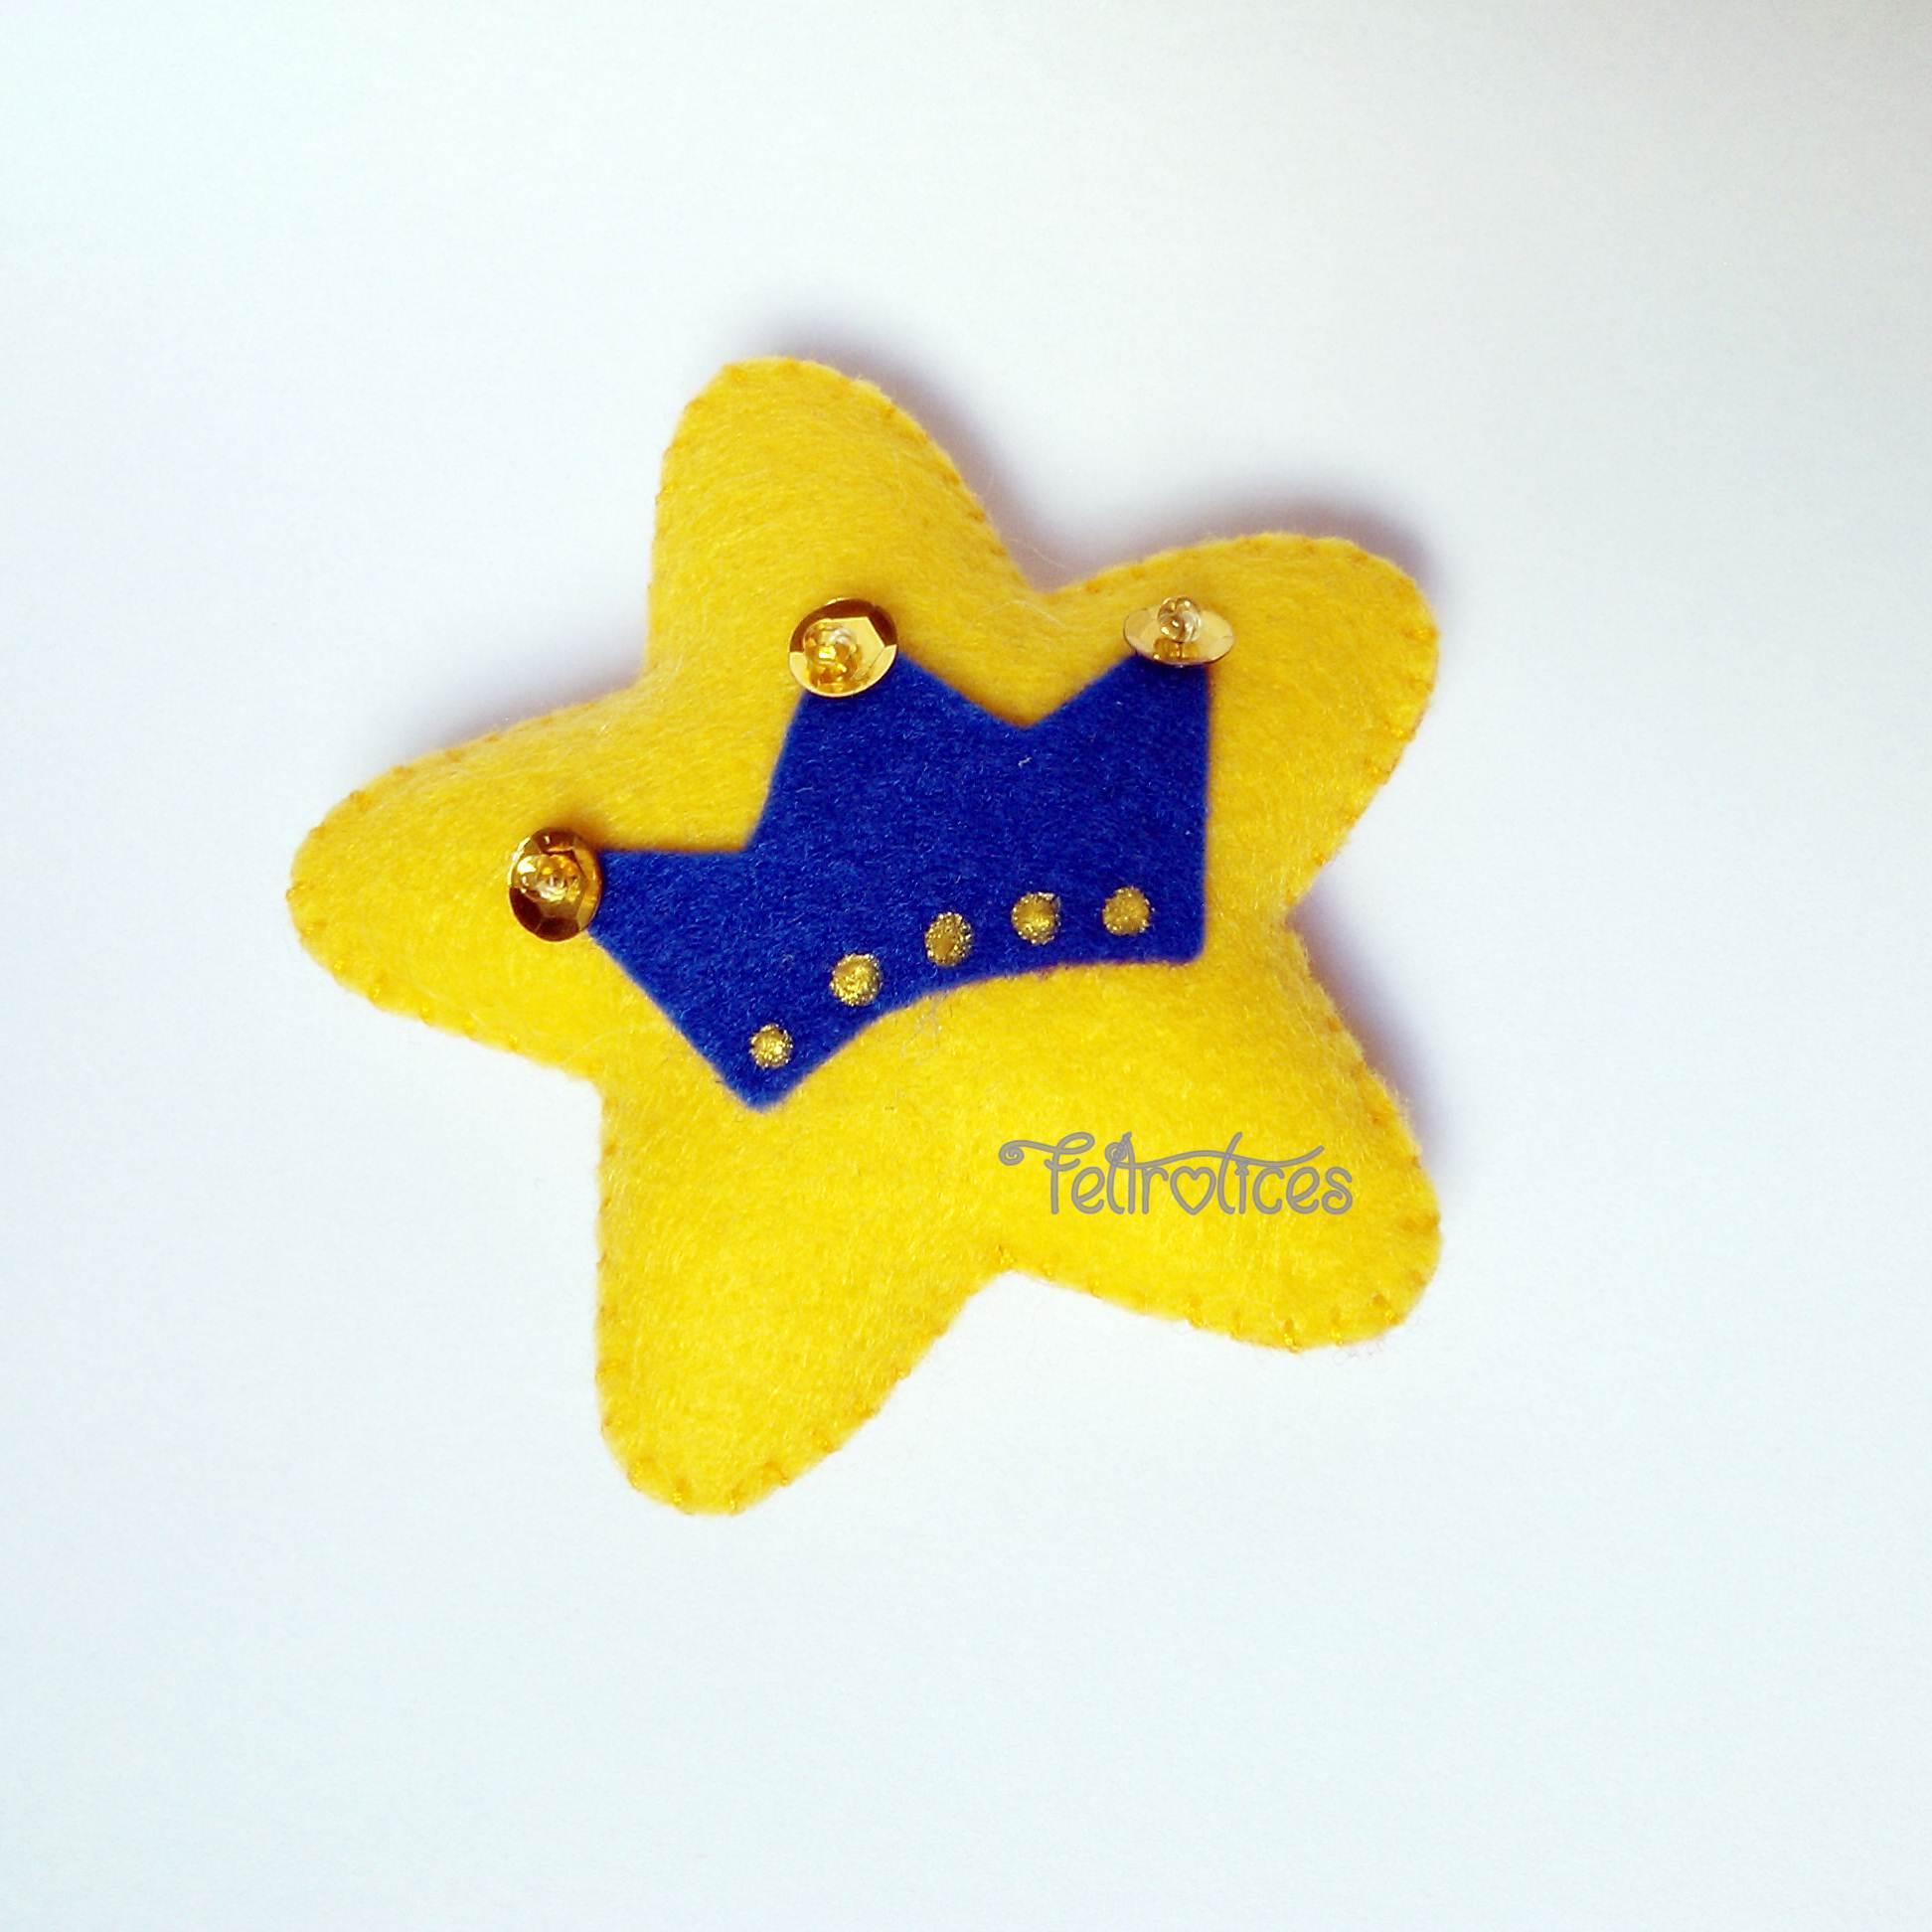 coleção pequeno príncipe 7cm- kit c/ 20 lembrancinhas feltro